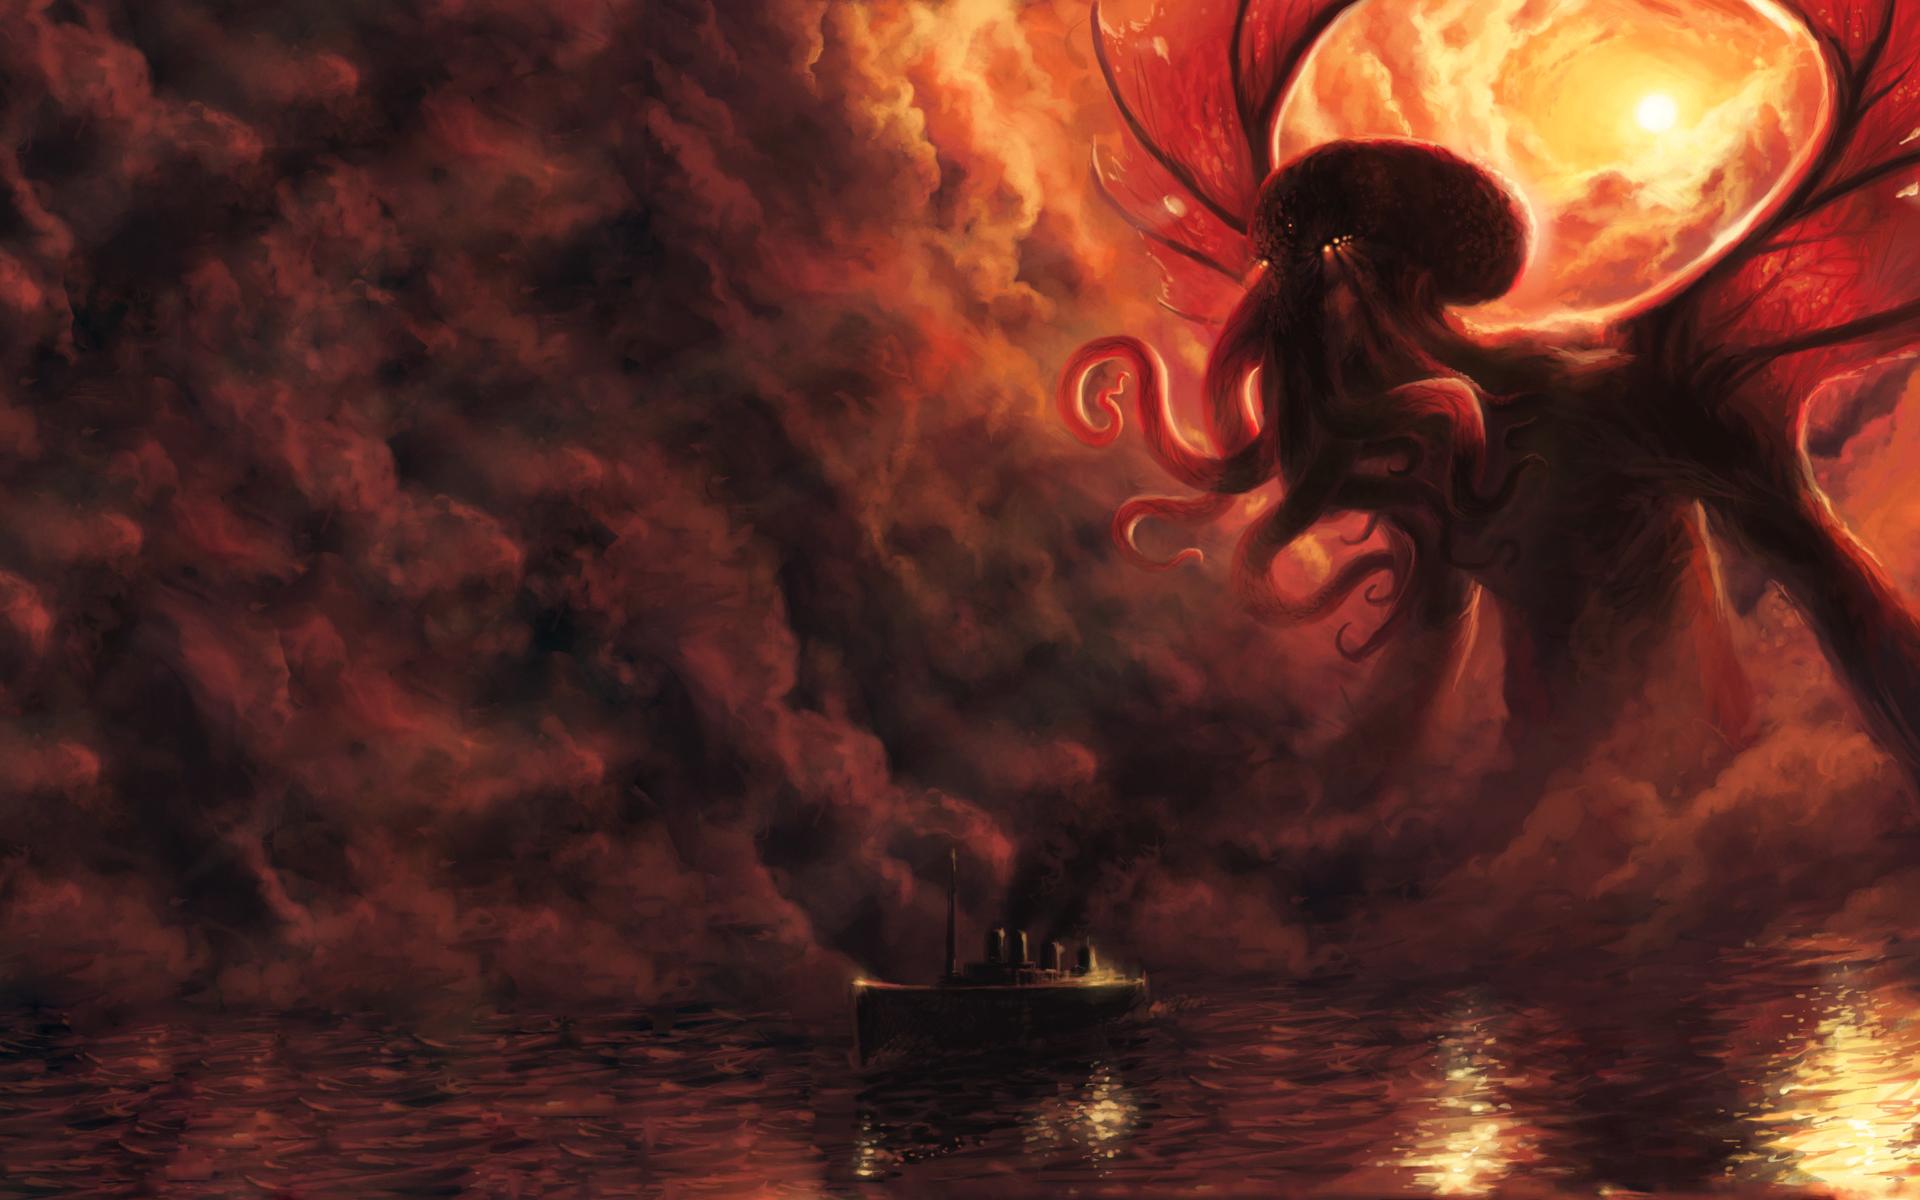 クトゥルフ Hp Lovecraft壁紙 19x10 Wallpapertip